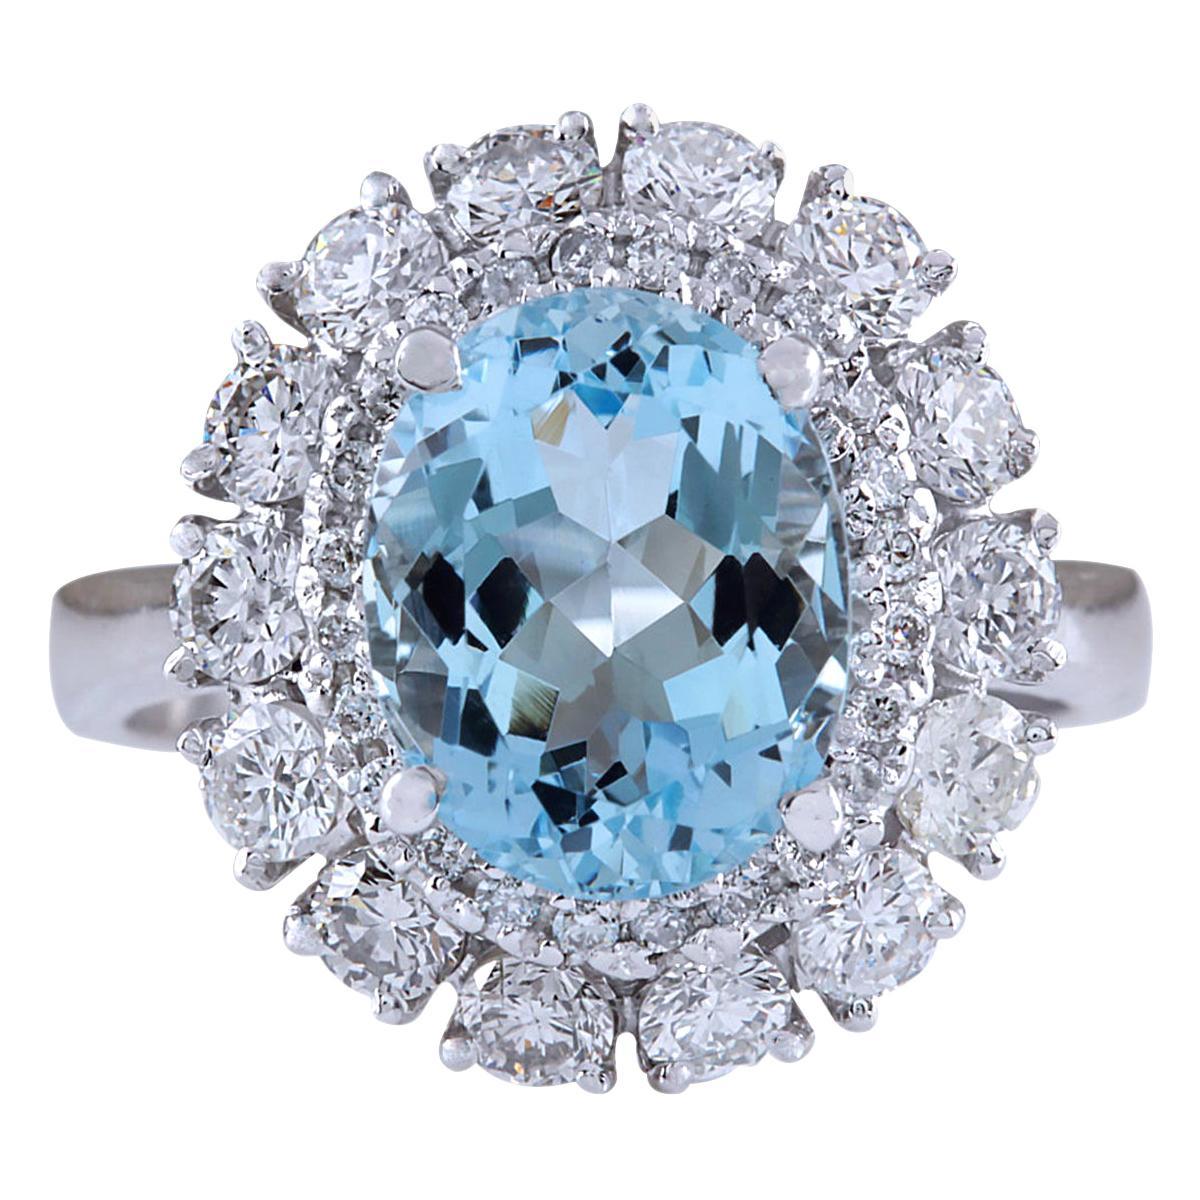 4.40 Carat Natural Aquamarine 18 Karat White Gold Diamond Ring